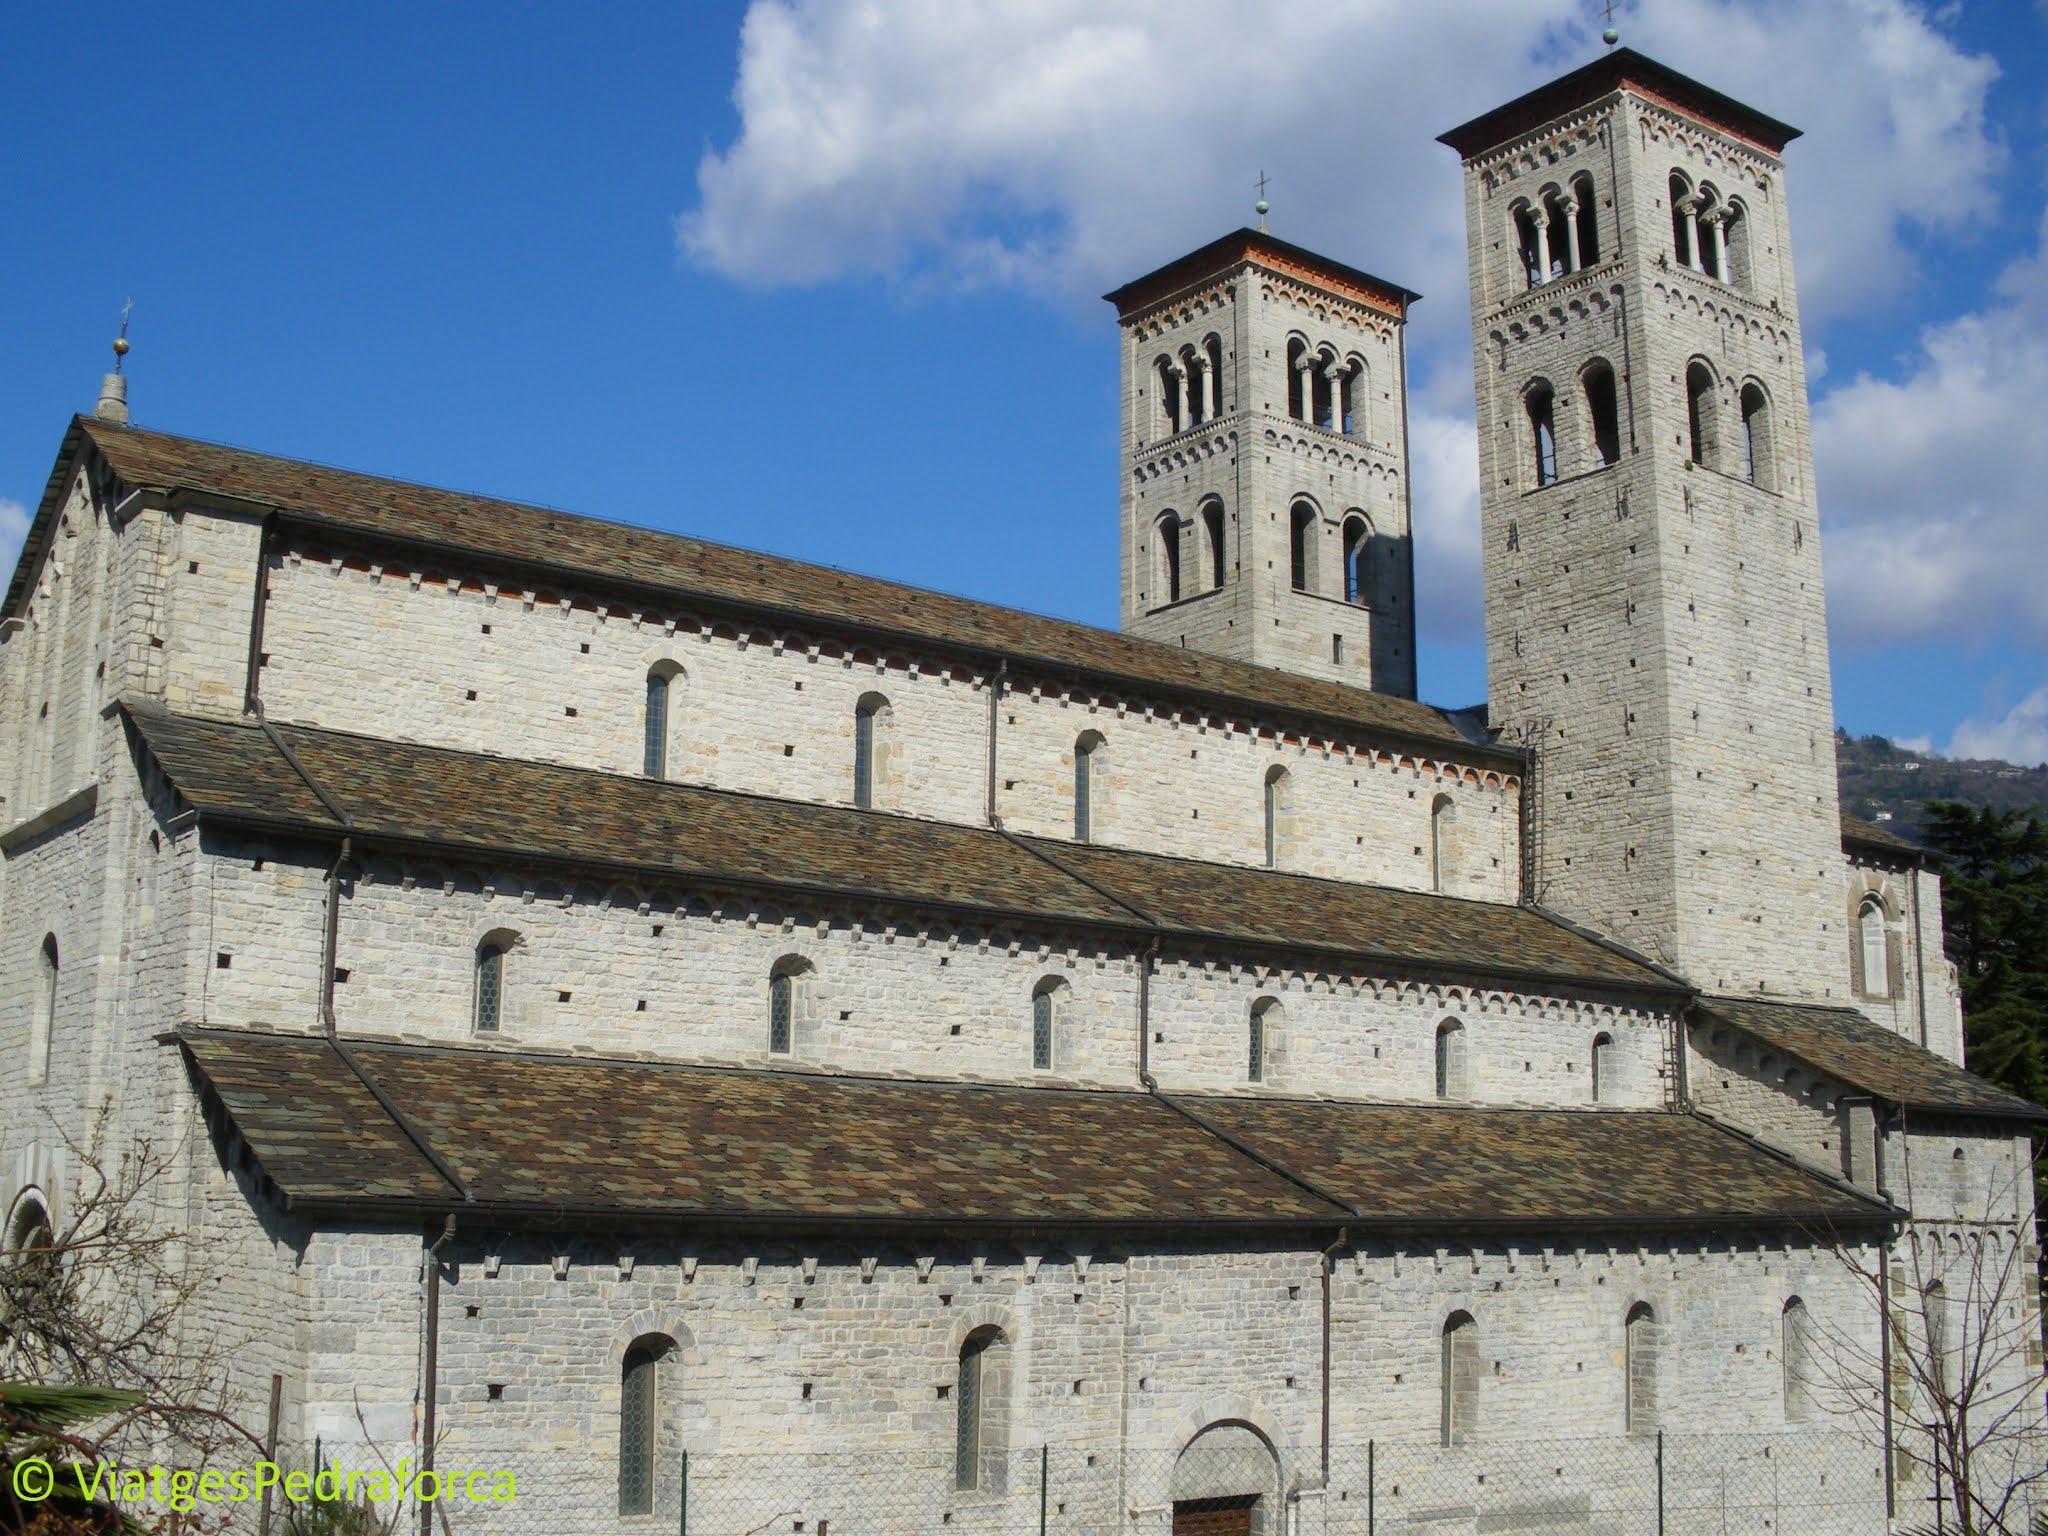 Art romànic, romànic llombard, Llombardia, ciutats amb encant, Alps italians, Itàlia